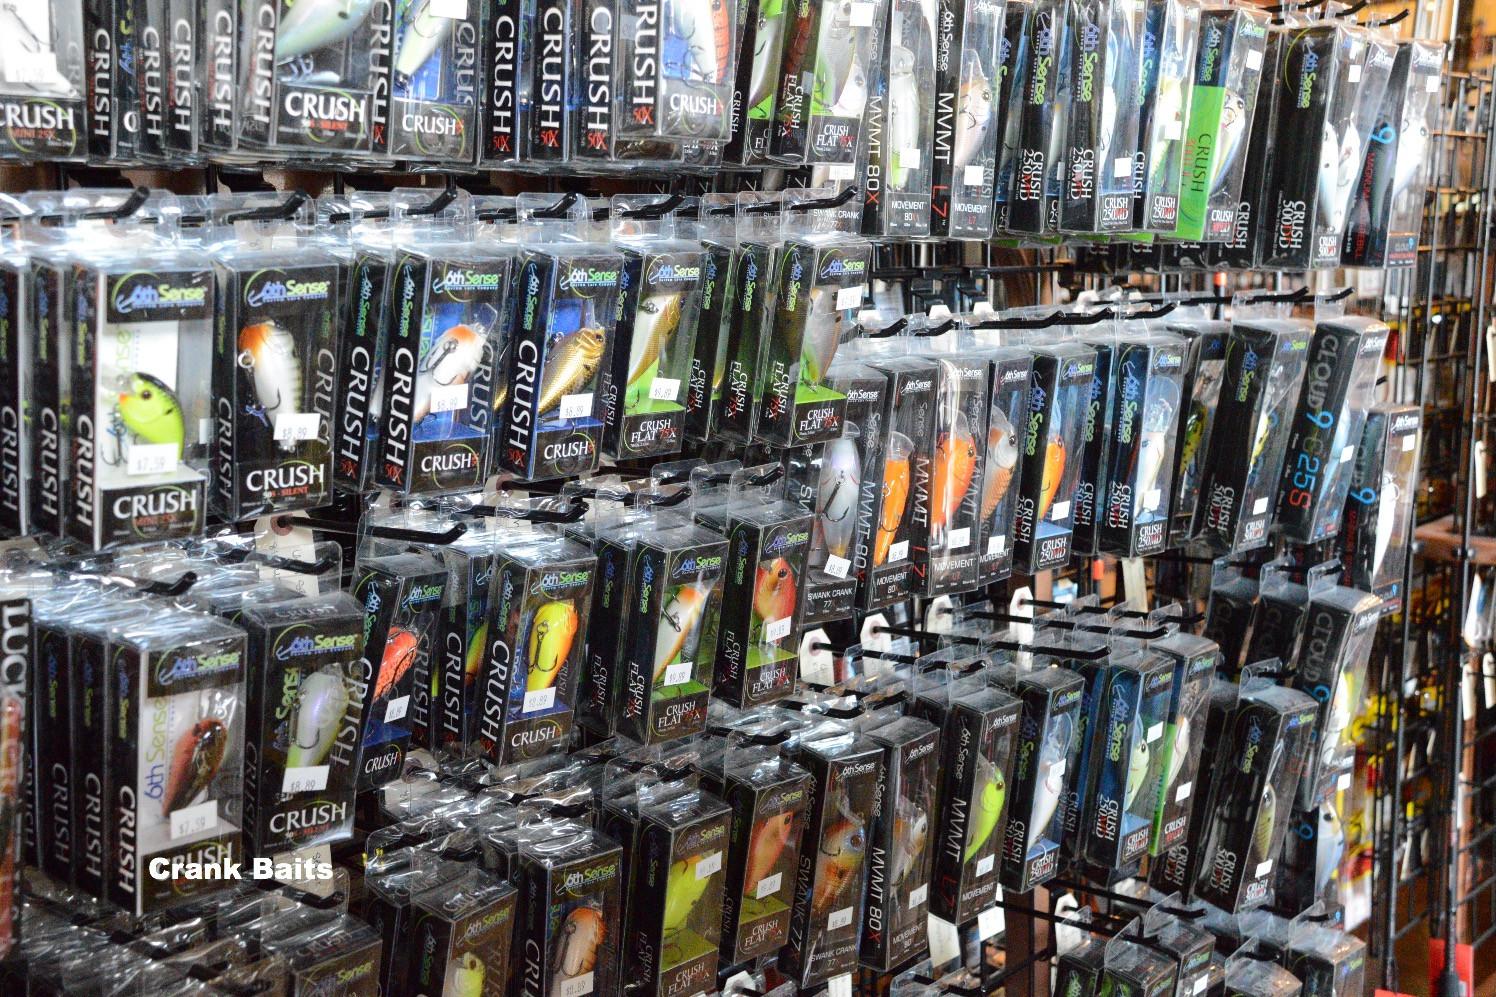 Tackle Shop | Bass Fishing Lures | Lake Pro Tackle